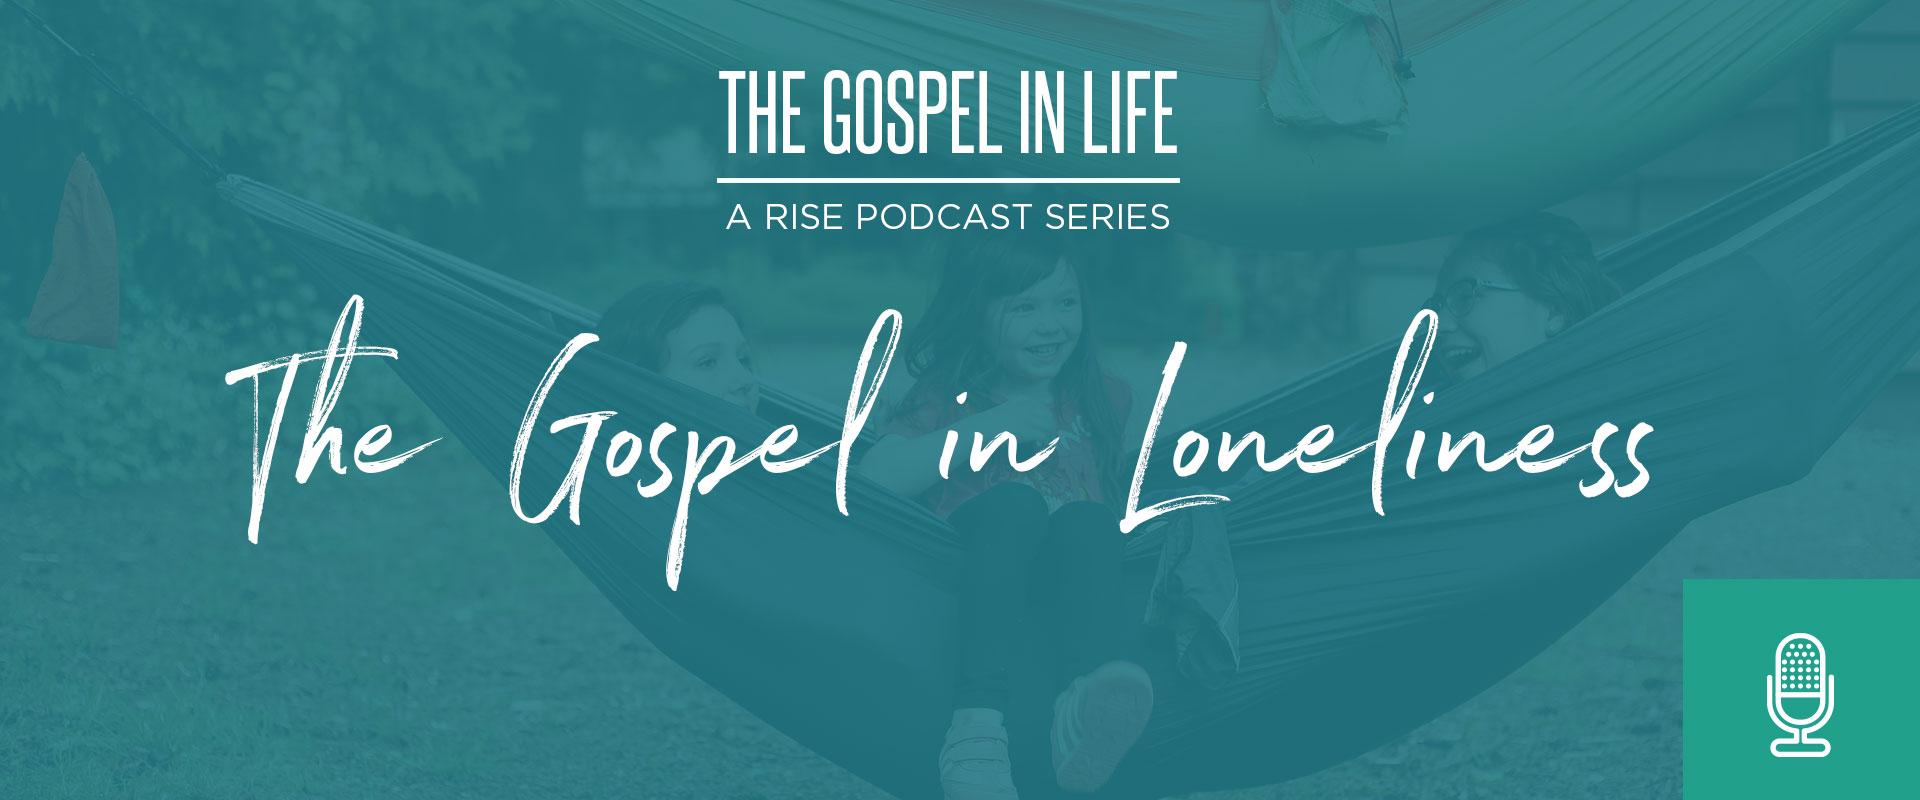 The Gospel in Loneliness